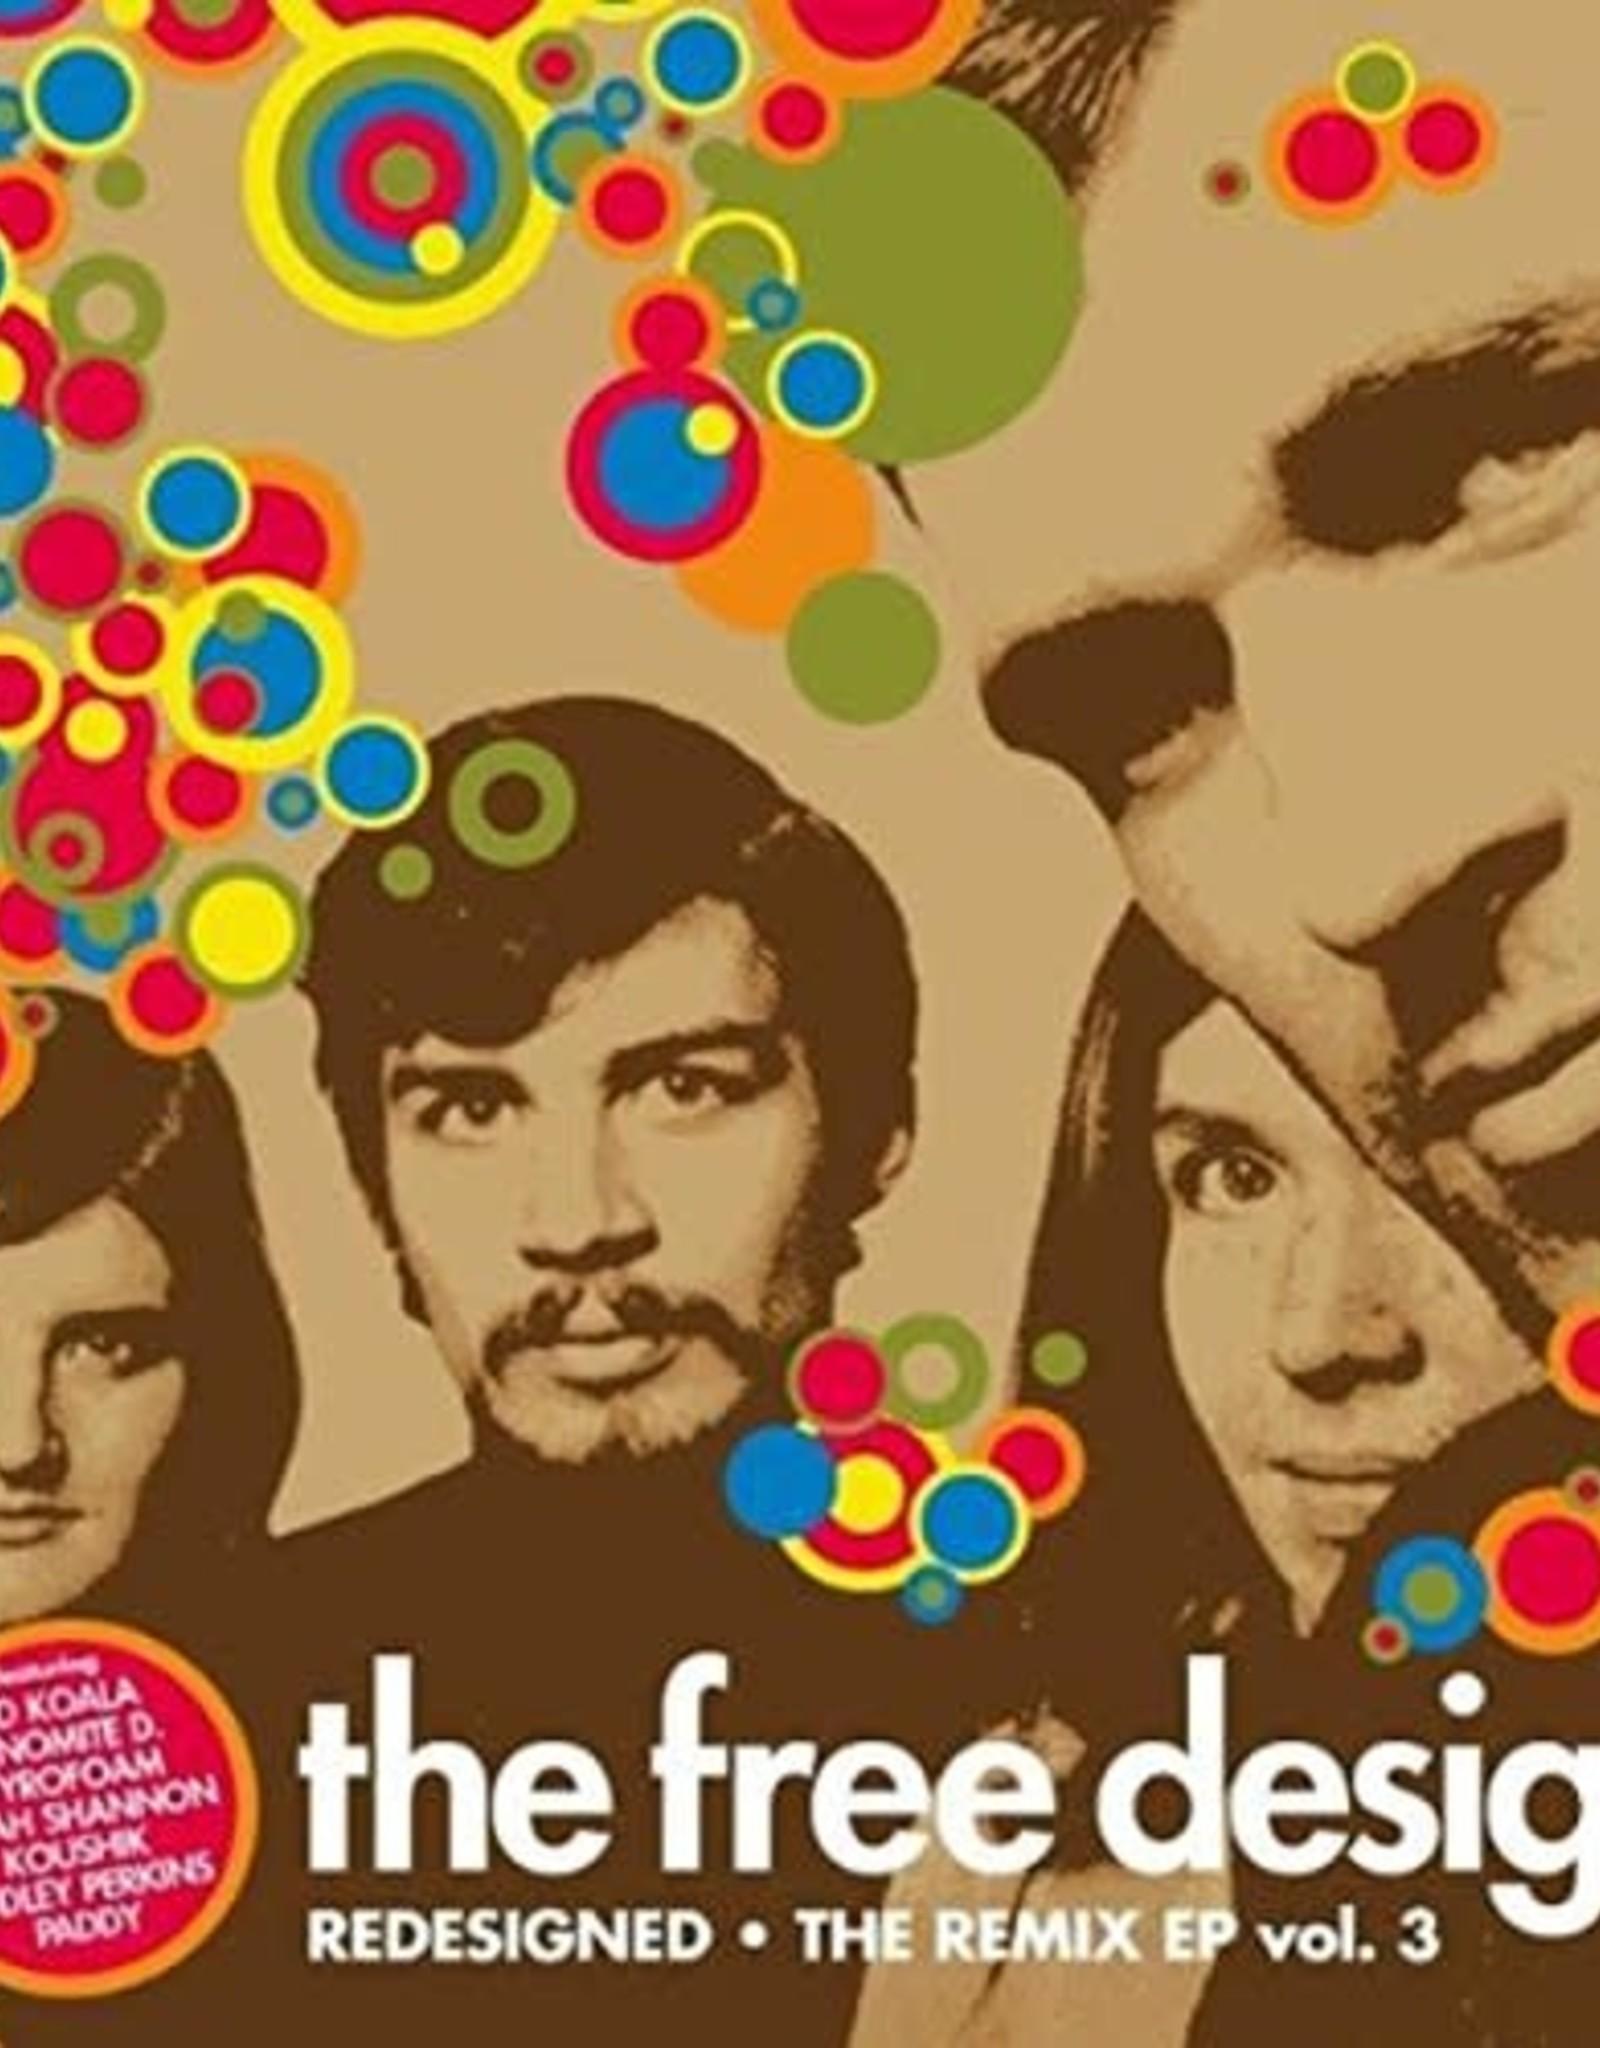 Free Design Redisigned - Vol 3